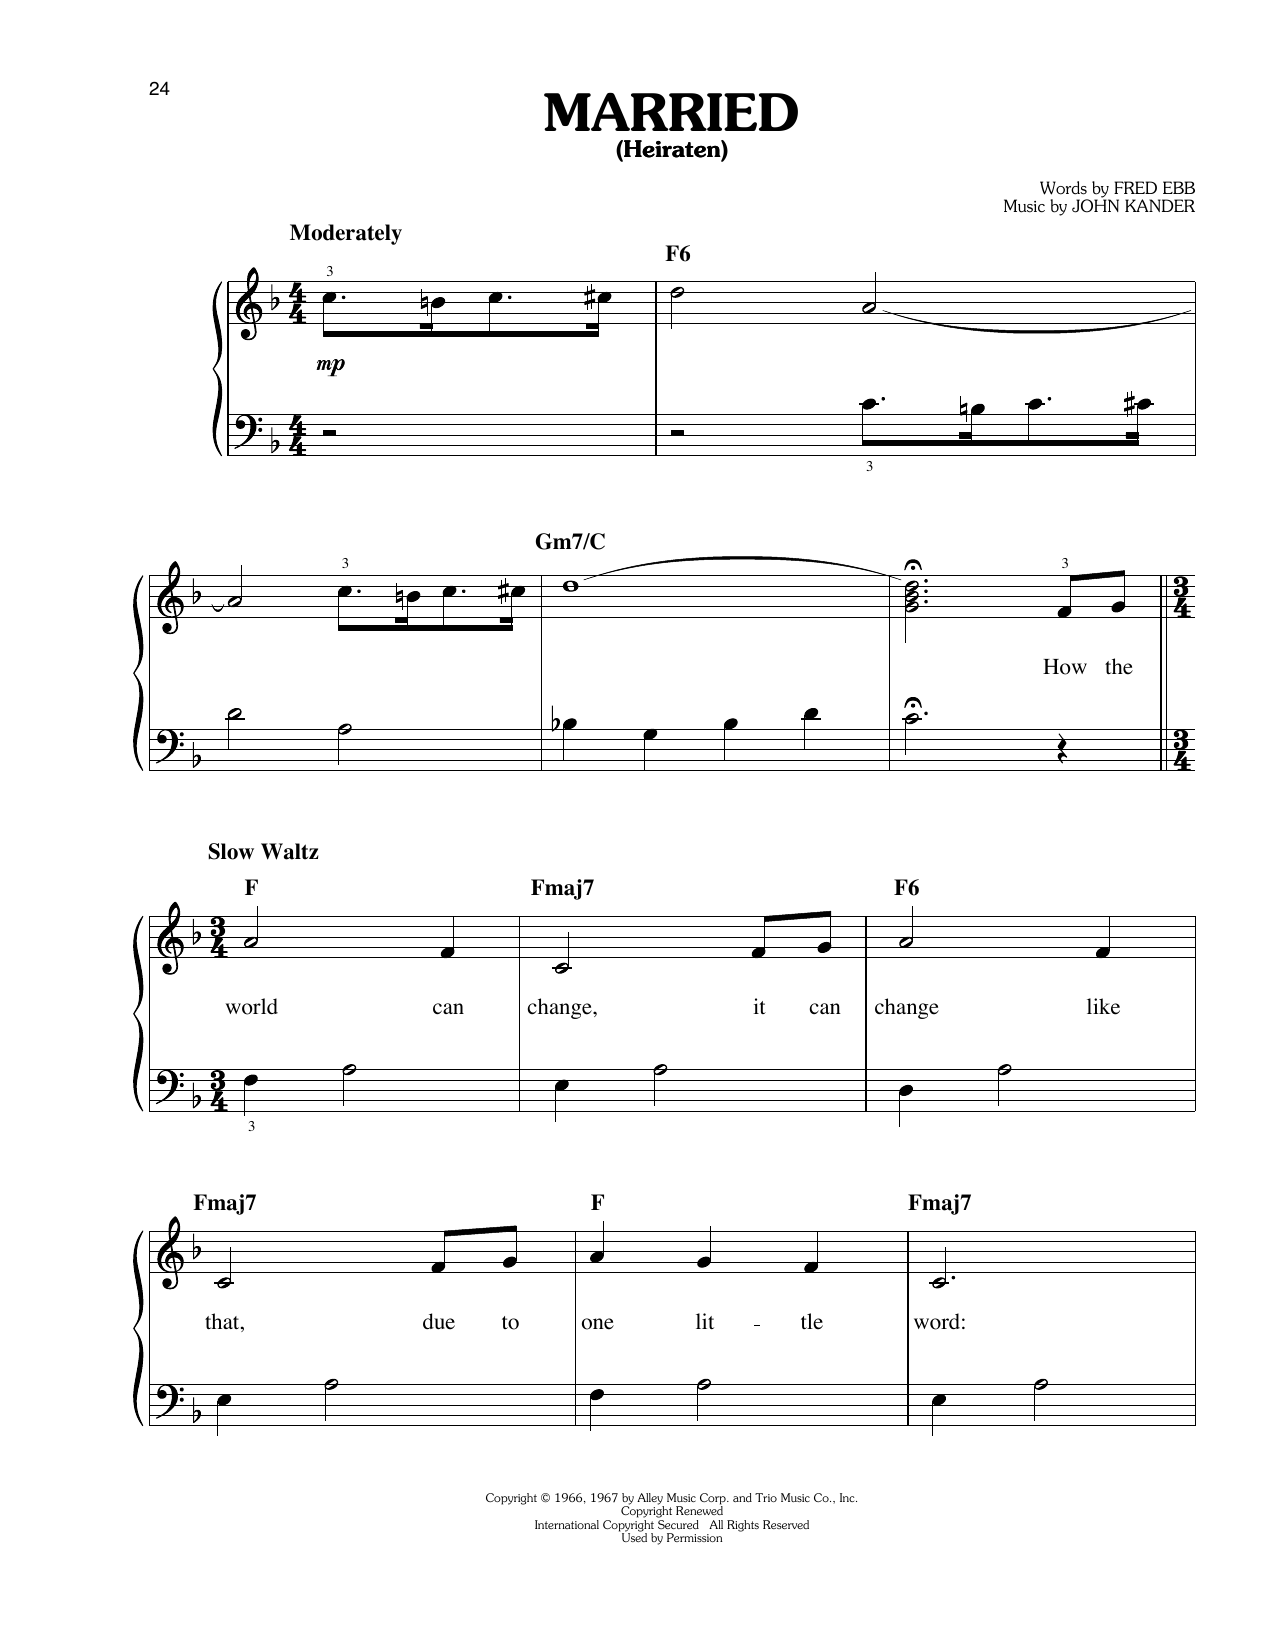 Married (Heiraten) Sheet Music